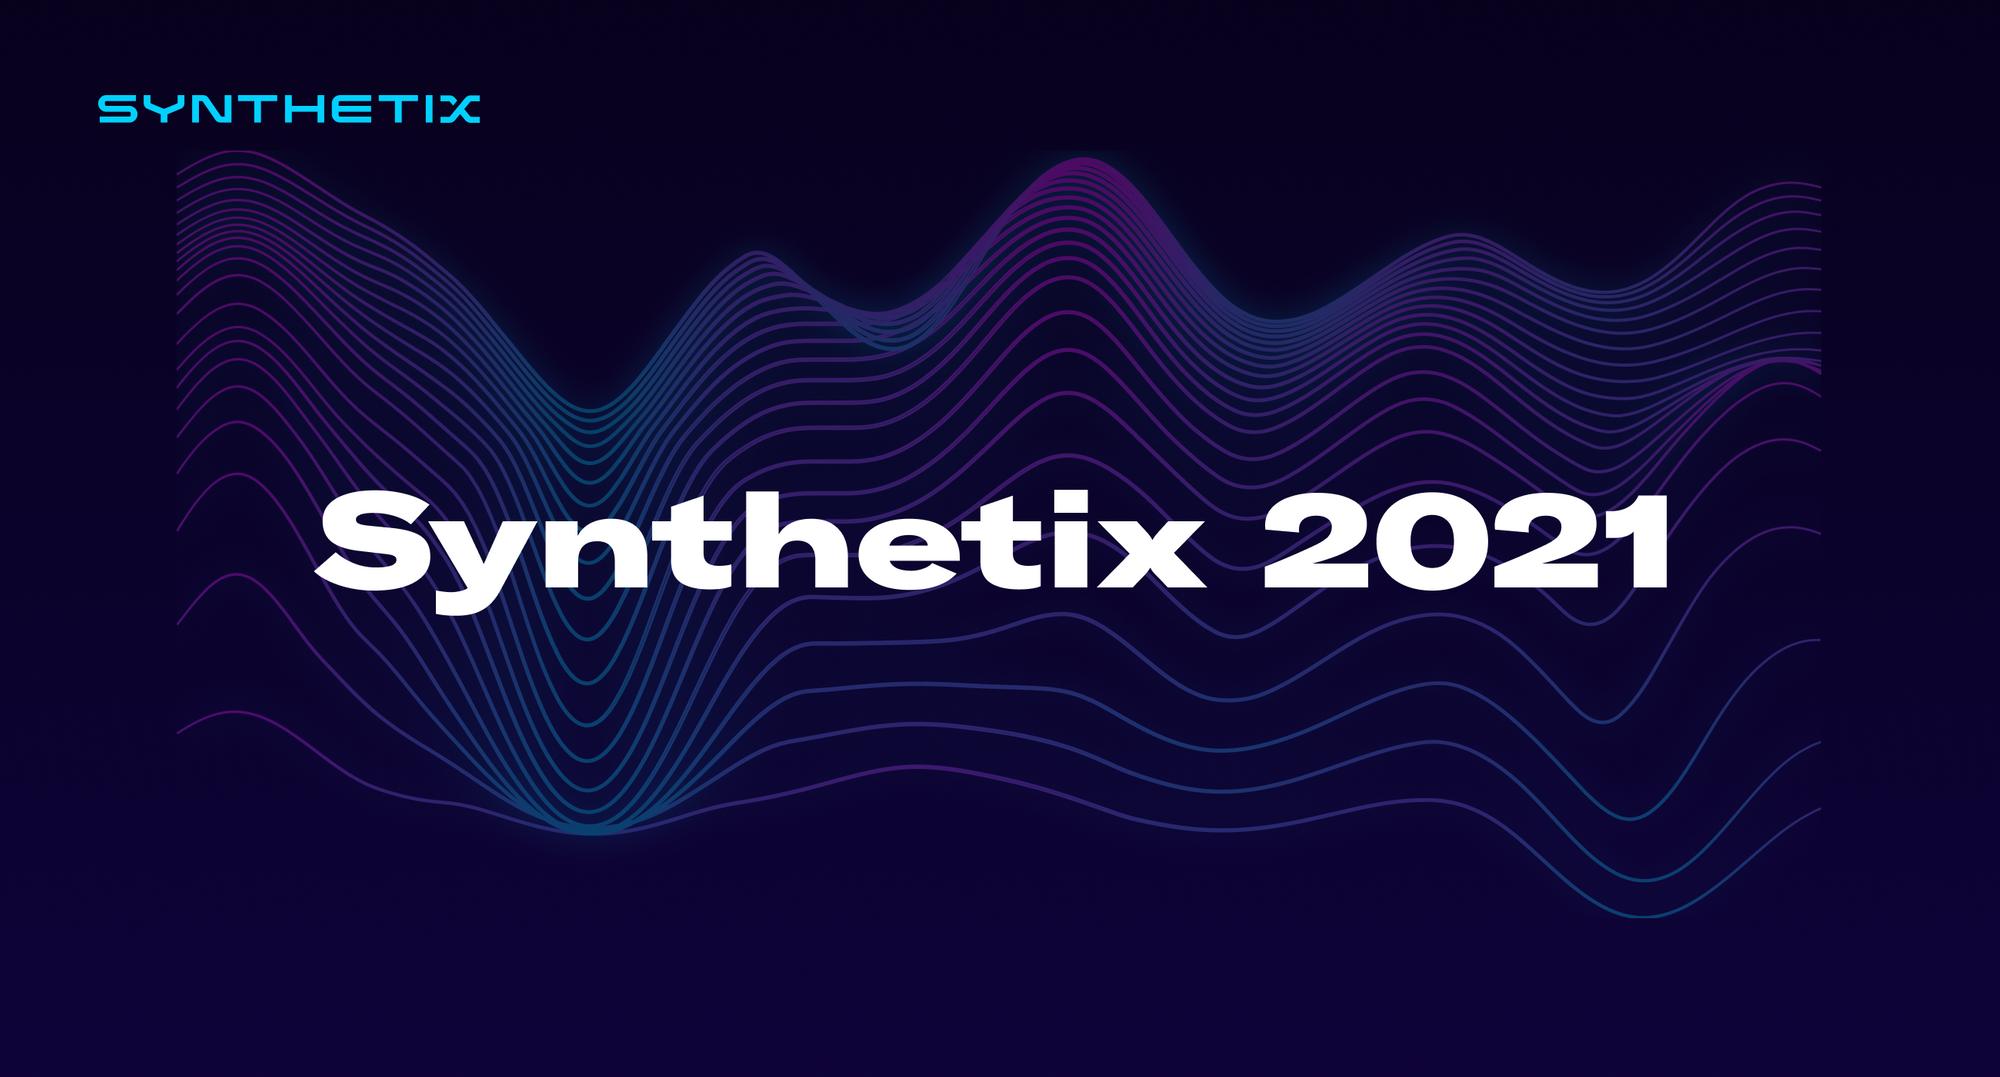 Synthetix 2021